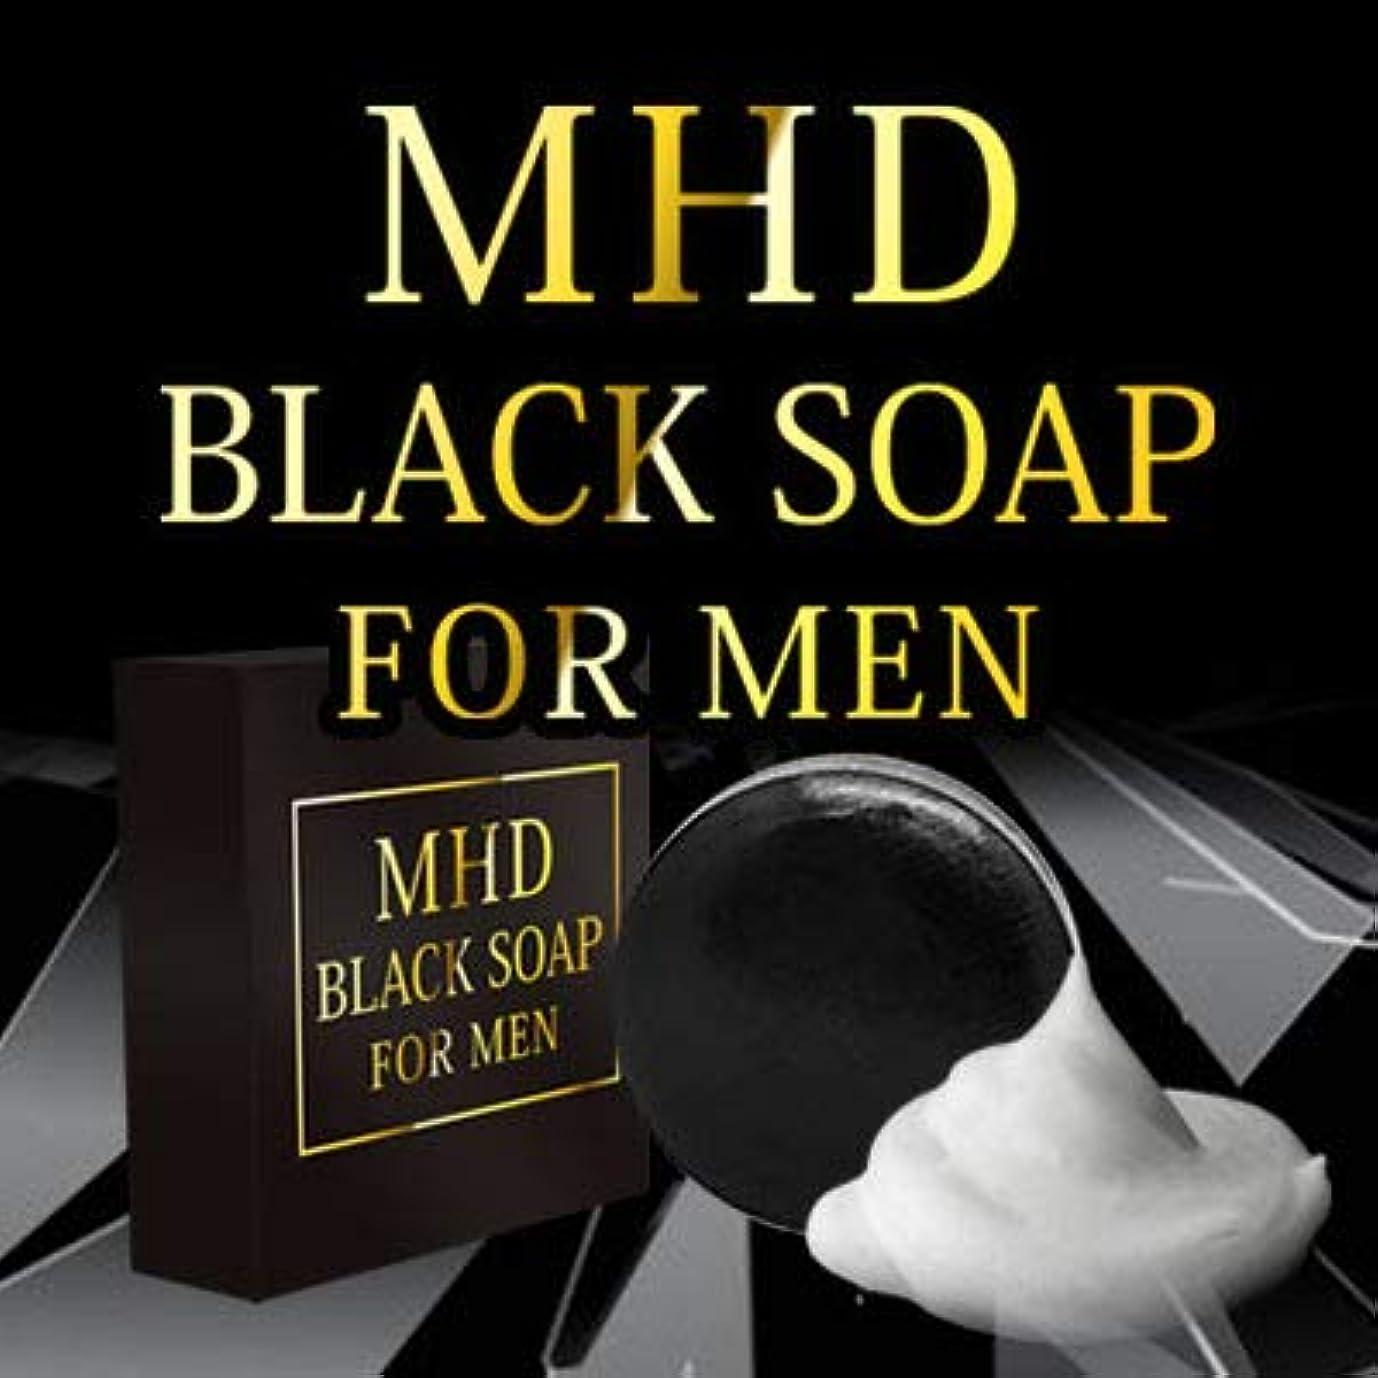 チップ直径家事MHD石鹸(BLACK SOAP FOR MEN) メンズ用全身ソープ